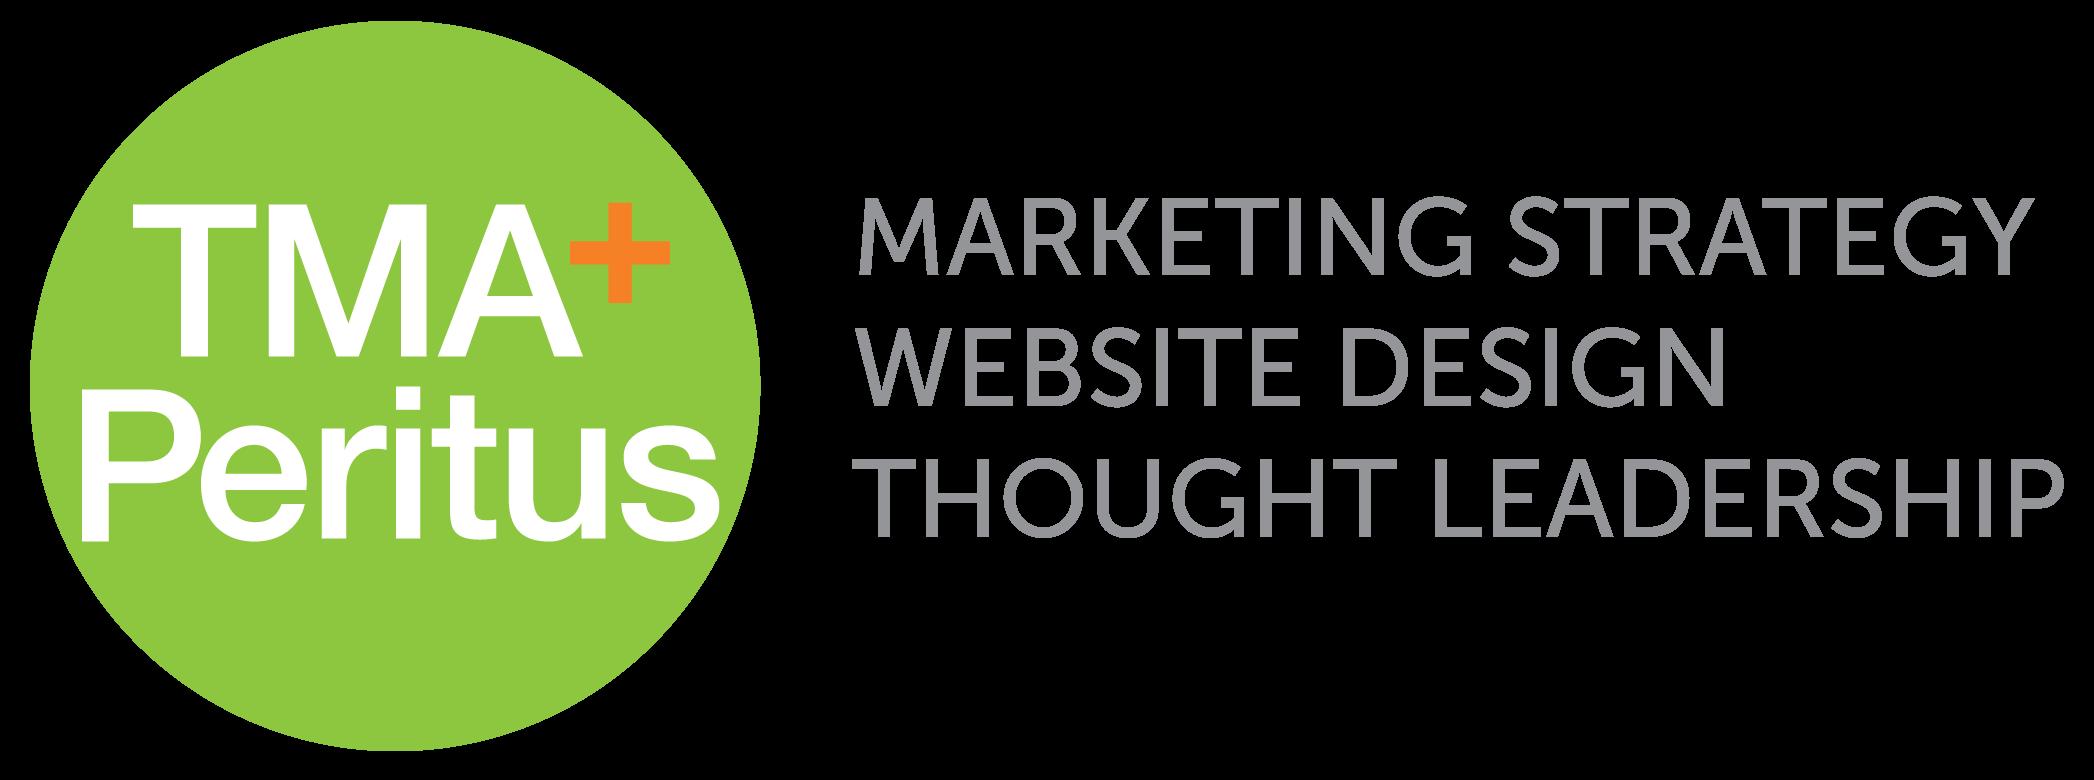 TMA + Peritus Logo